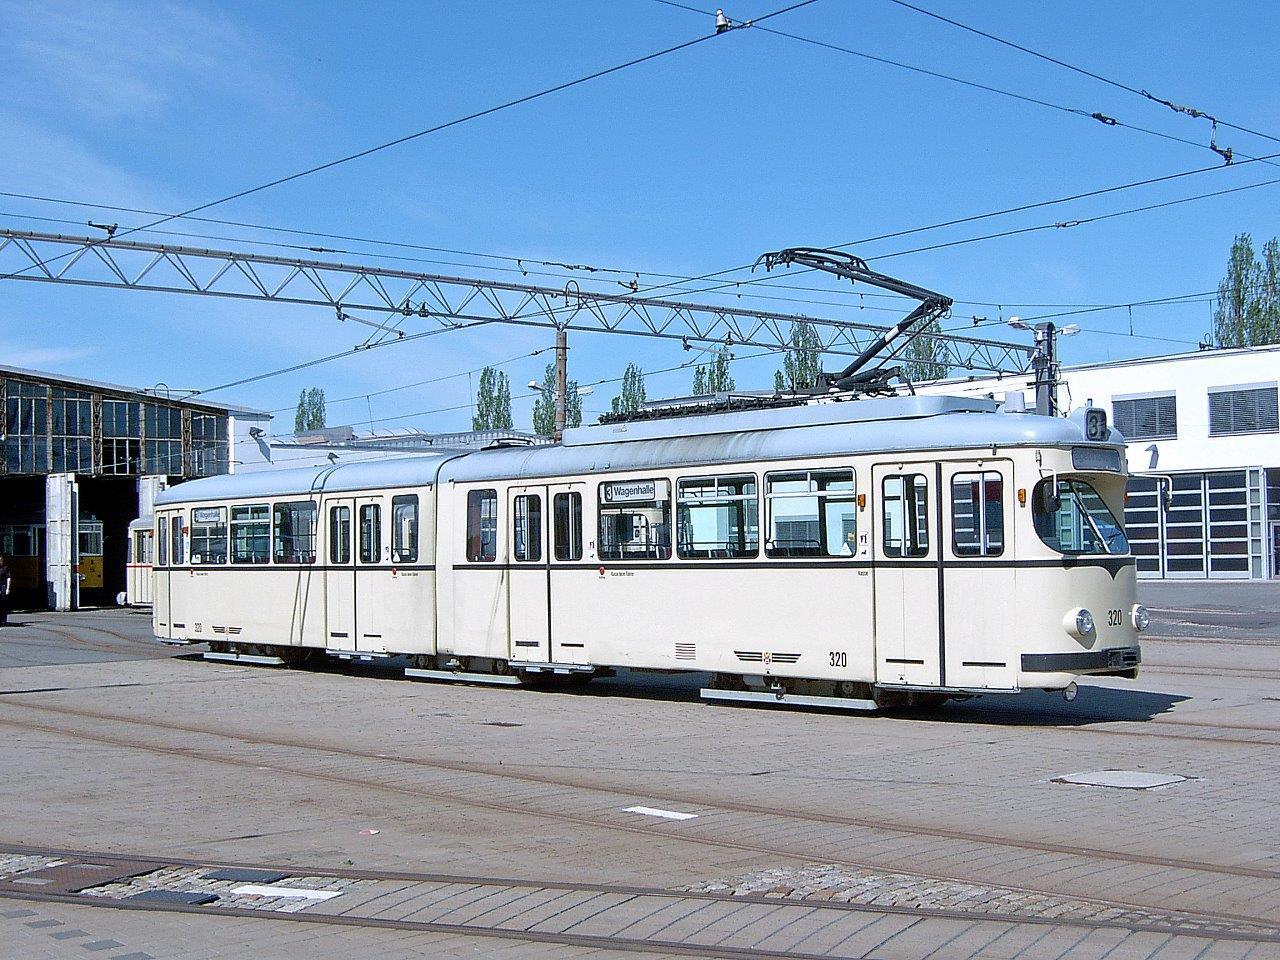 GT6 320 (DUEWAG 1960) ex Mannheim 320, ex Heidelberg 203, 2006 an Privat verkauft und 2012 verschrottet.